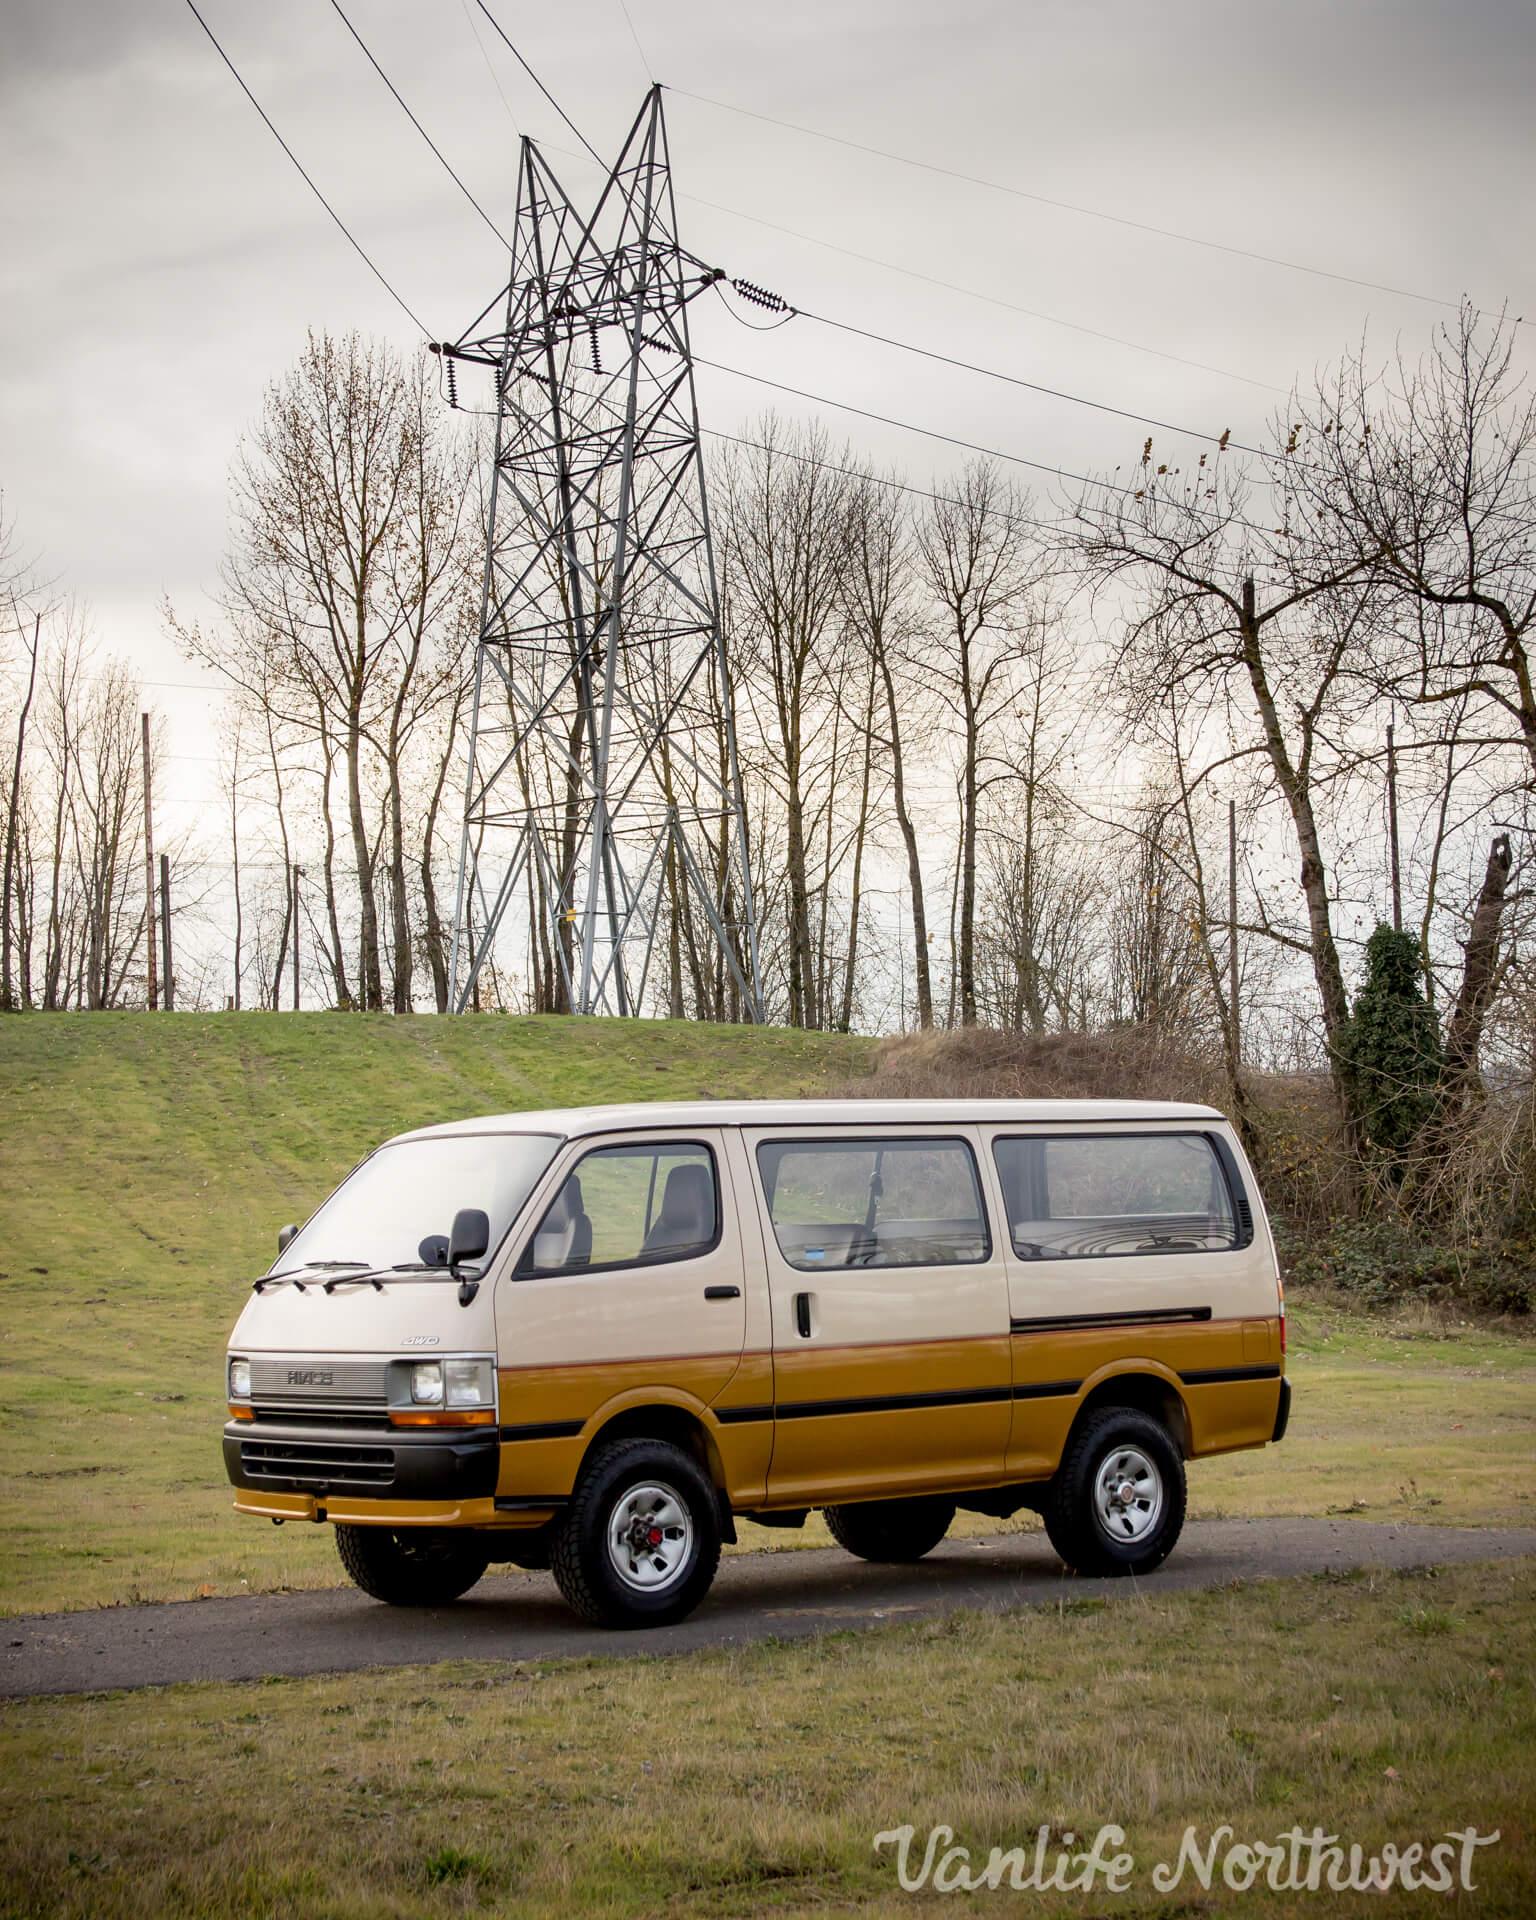 ToyotaHiaceLH117Aric-7.jpg